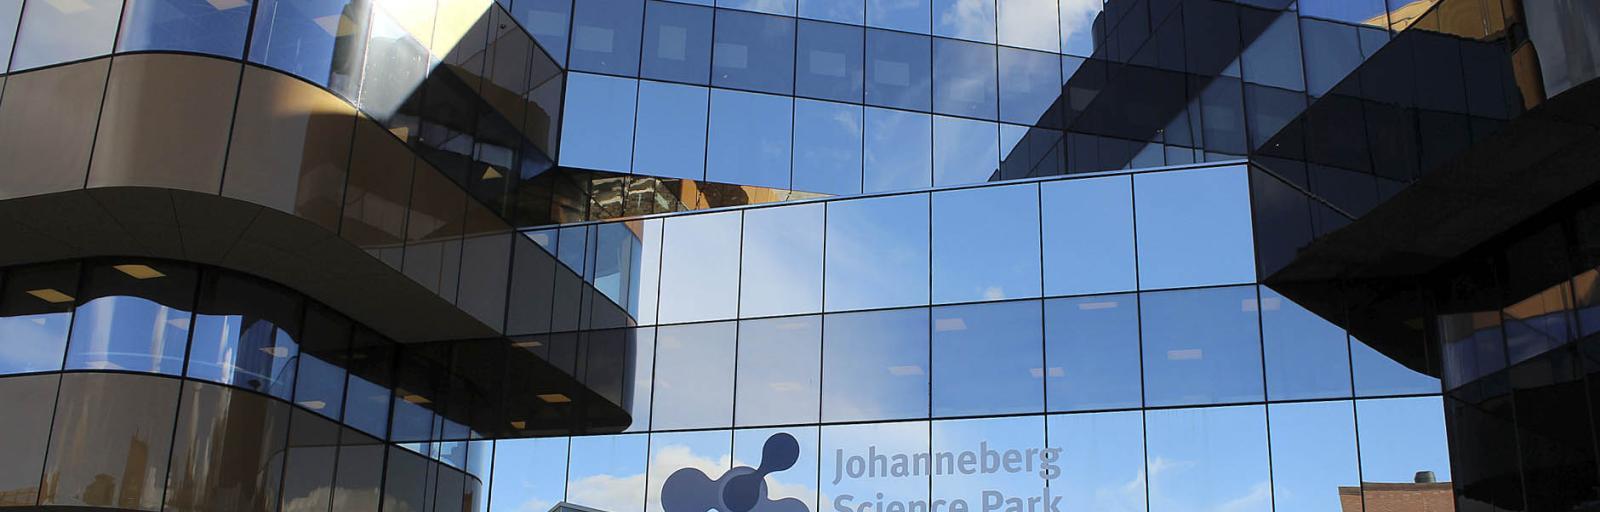 Fasaden på Johanneberg Science Park